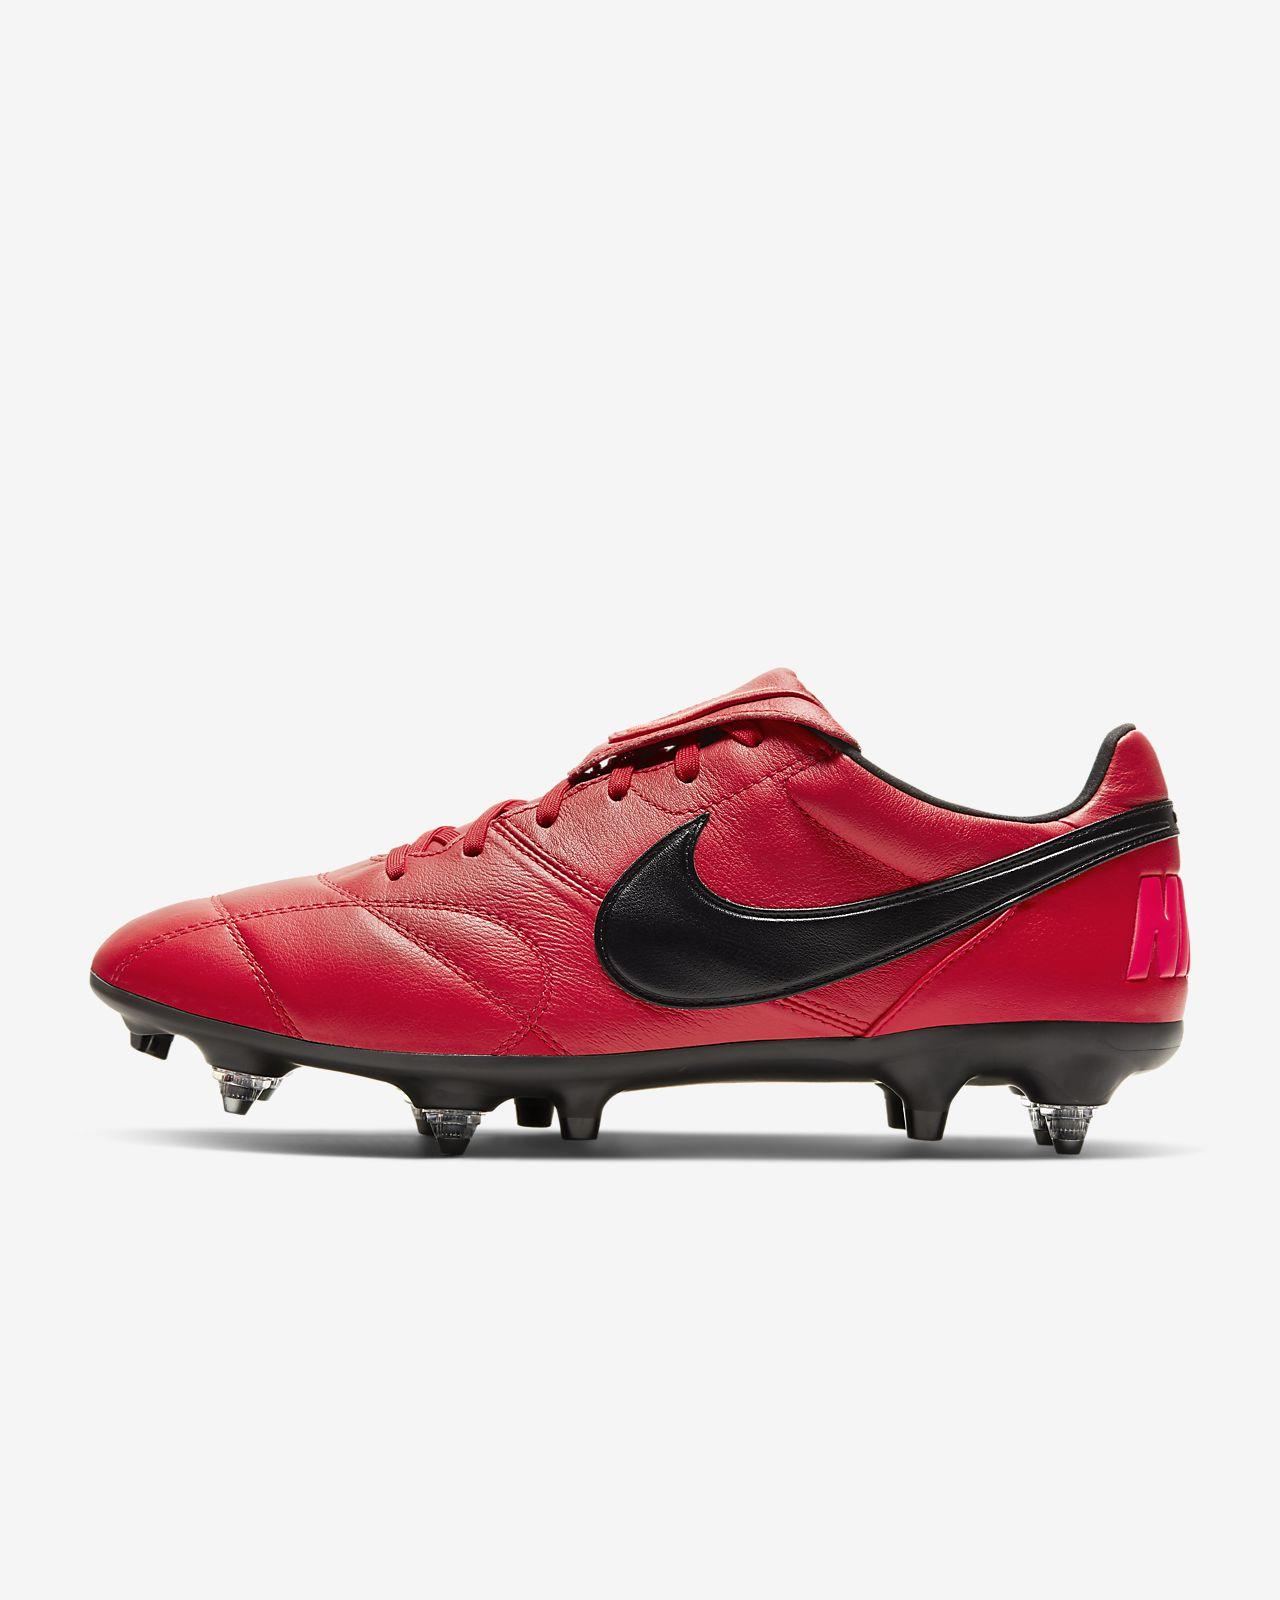 Dobbfotbollssko för mjukt underlag Nike Premier II Anti-Clog Traction SG-PRO